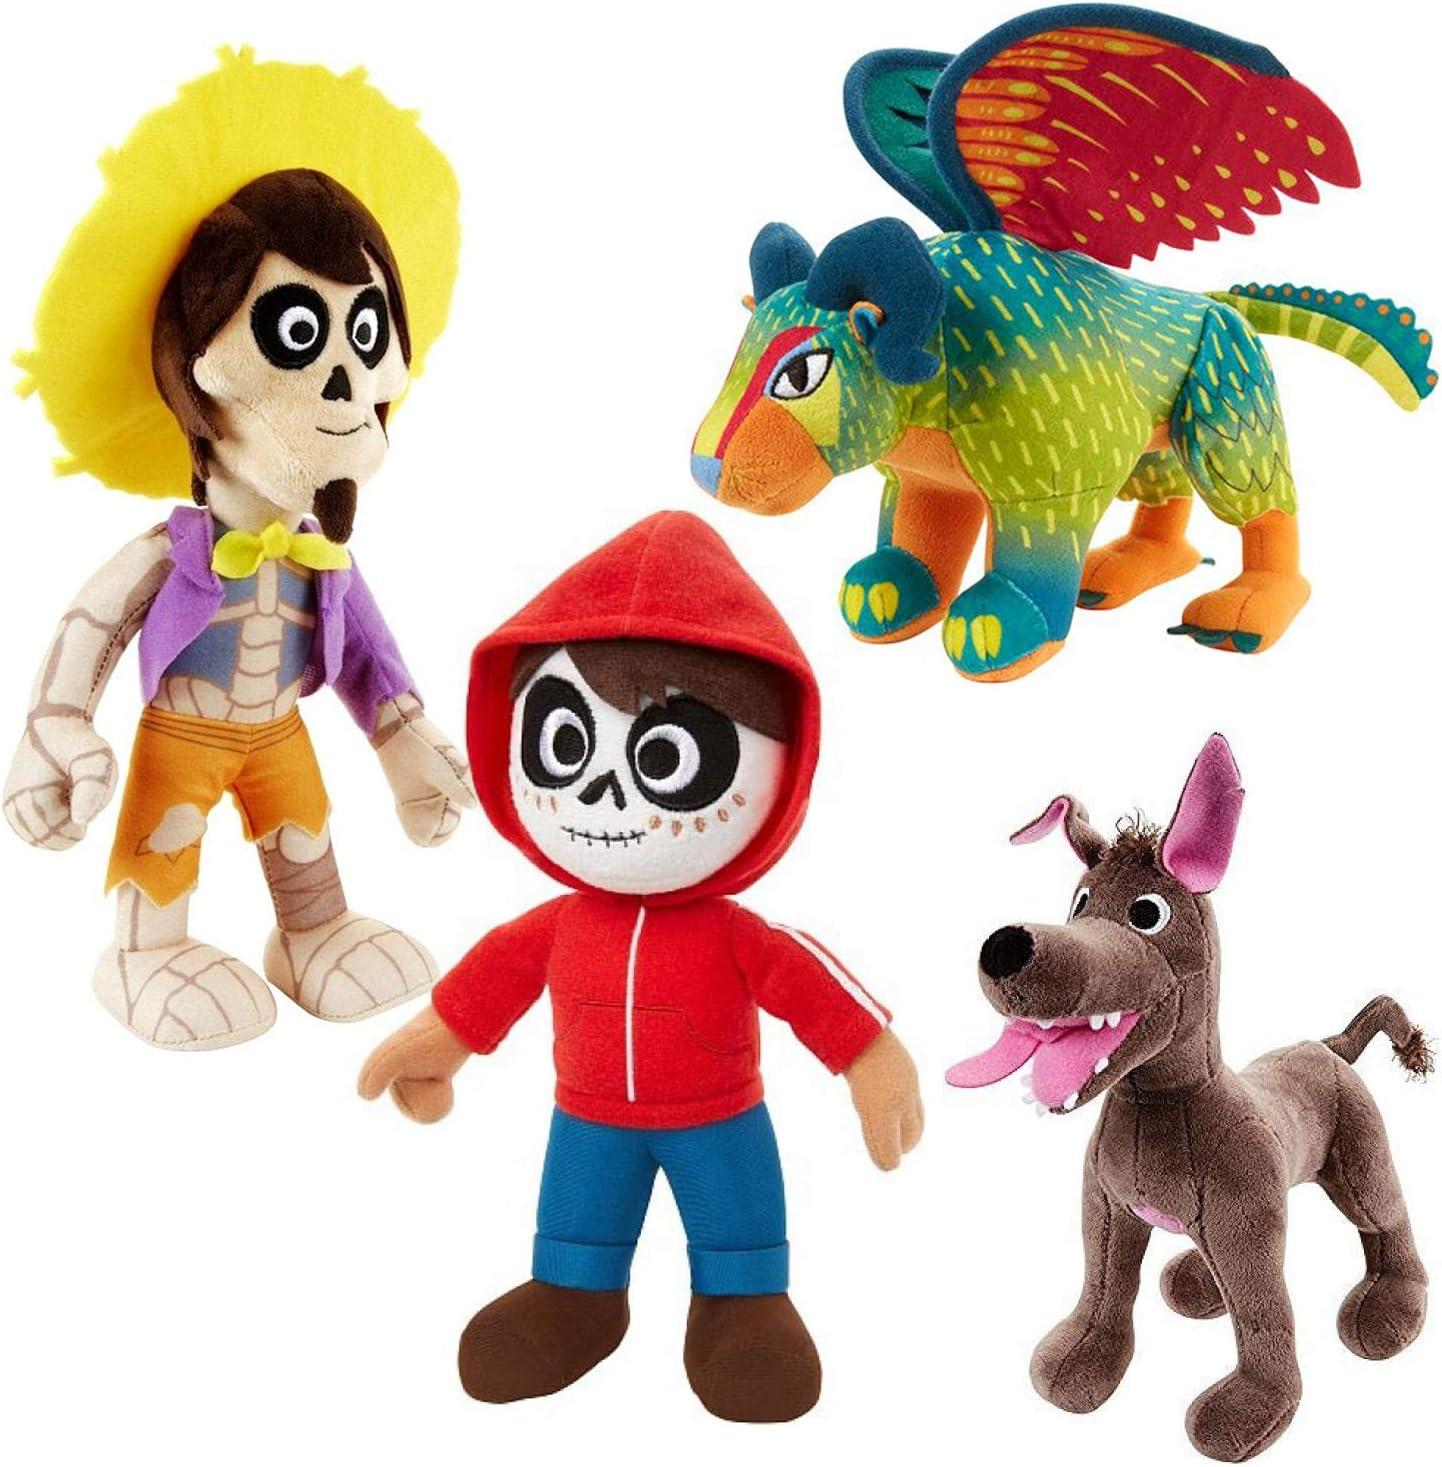 Disney Pixar - Coco Peluche Conjunto Completo de Personajes de ...